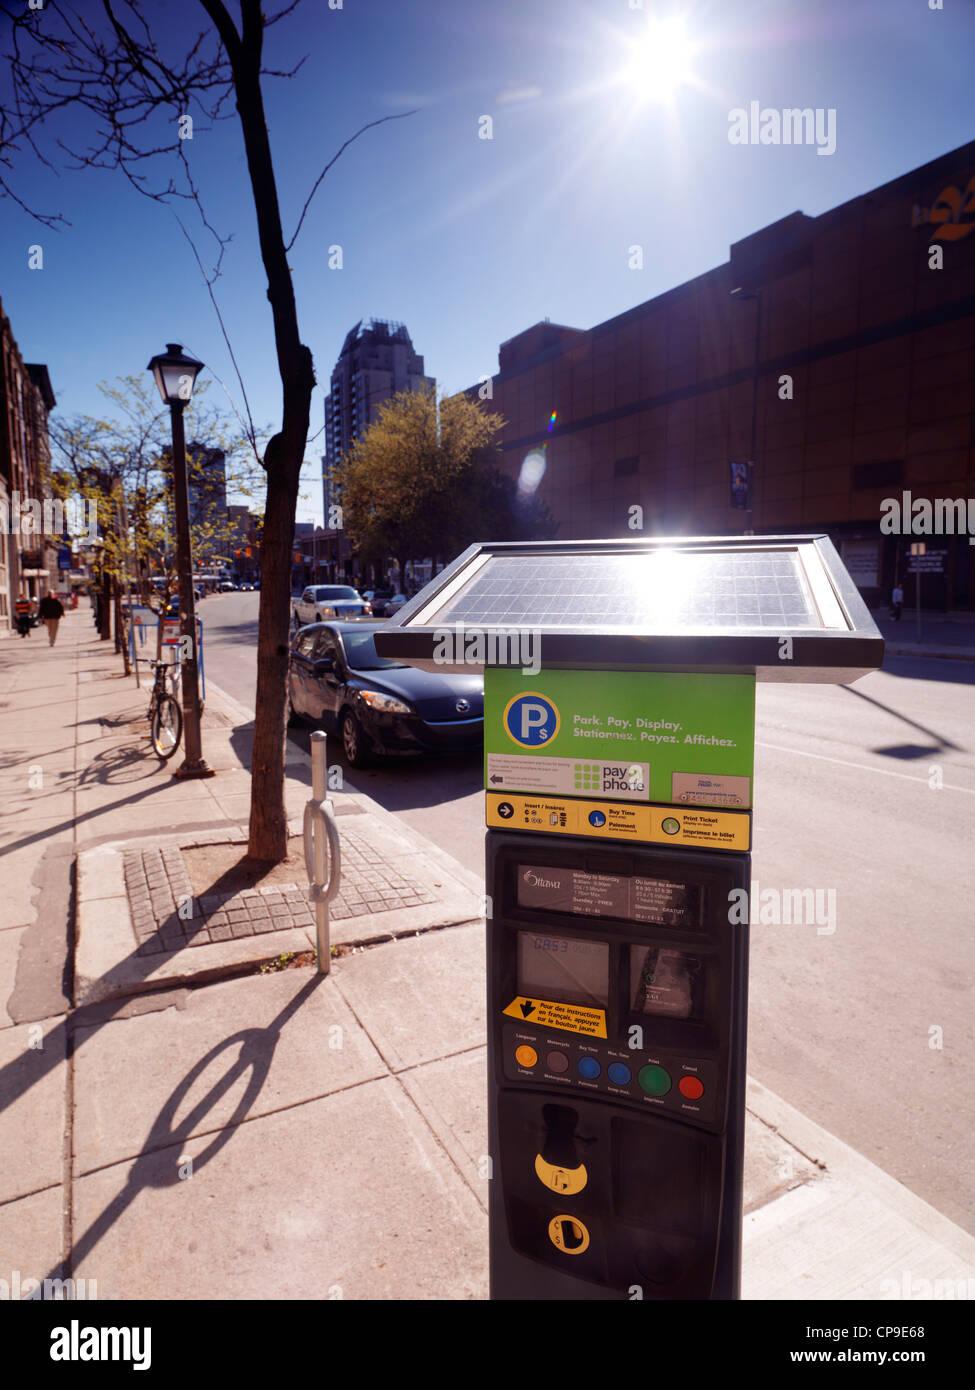 Energia solare misuratore di parcheggio su una strada di Ottawa, Ontario, Canada. Immagini Stock